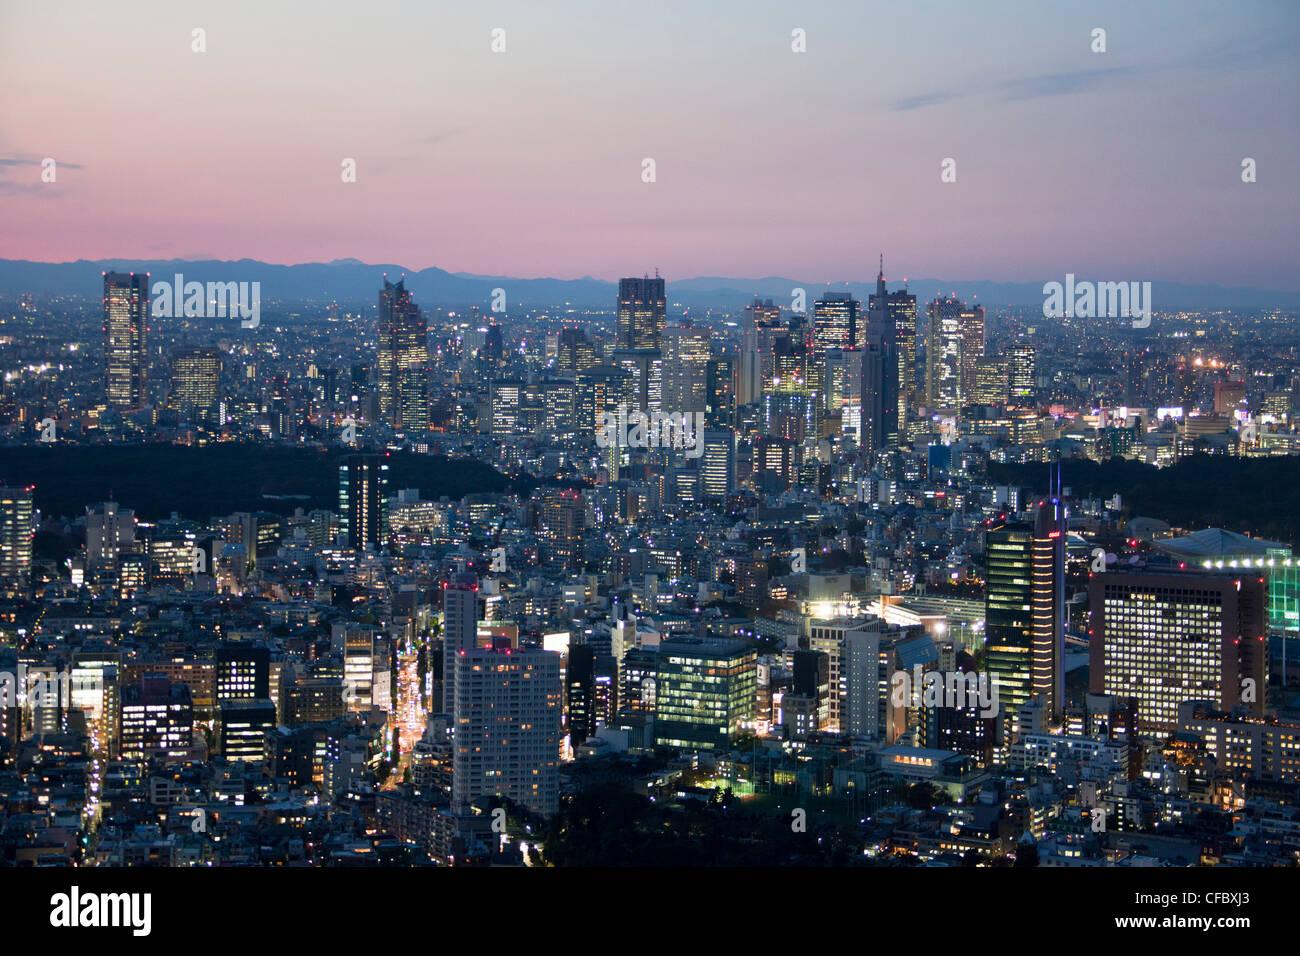 Le Japon, en Asie, Tokyo, ville, coucher du soleil, l'architecture, big, bâtiments, ville, centre-ville, Photo Stock